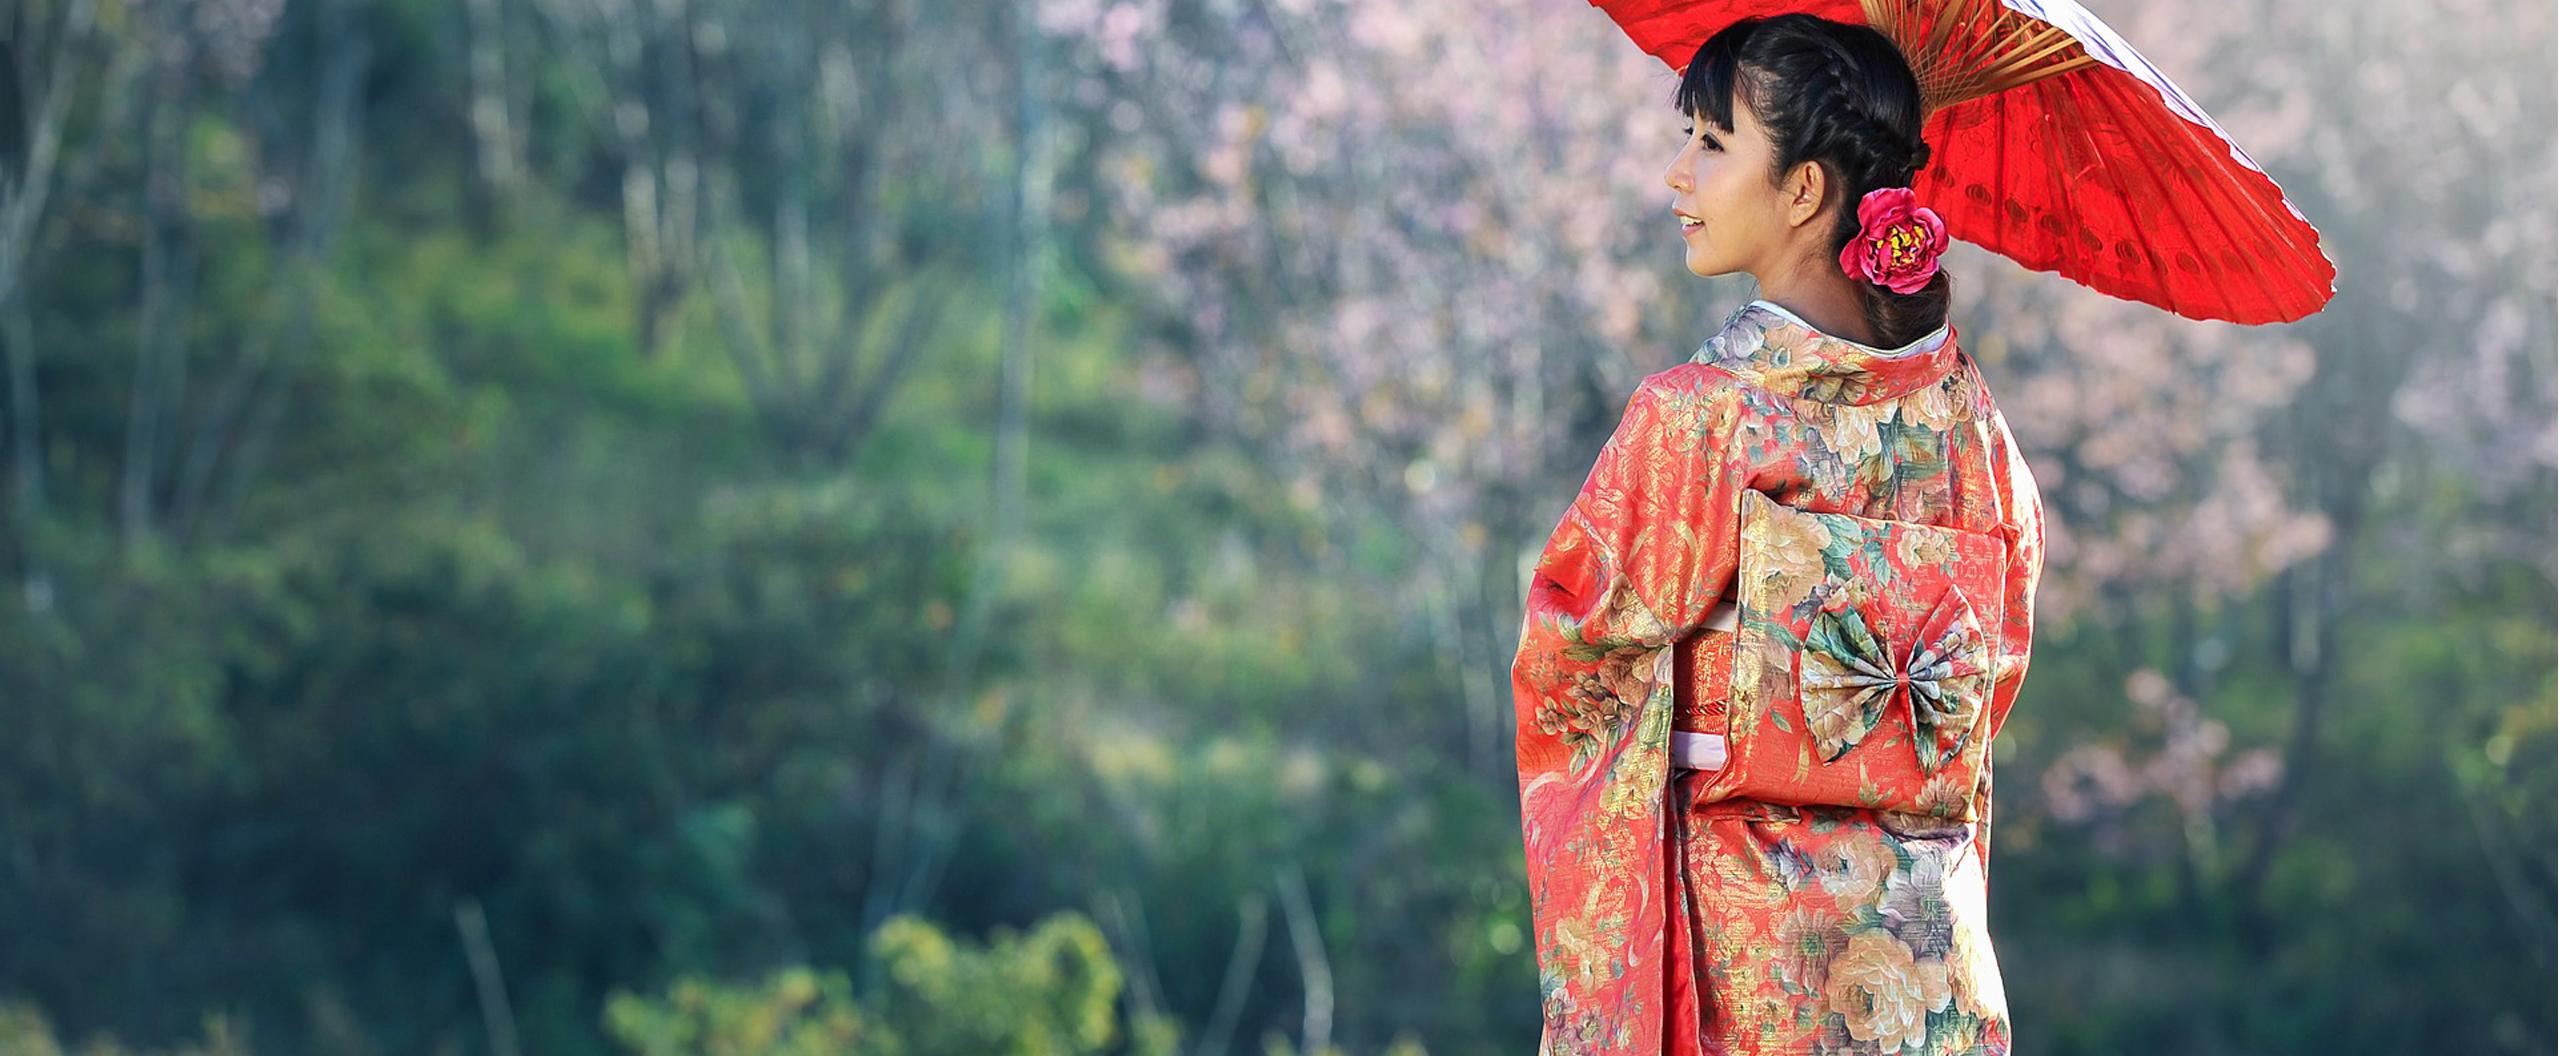 いわき市の冠婚葬祭・レンタル・貸衣裳さくら。 成人式、七五三、結婚式、礼服、喪服、冠婚葬祭などに幅広く対応しております。